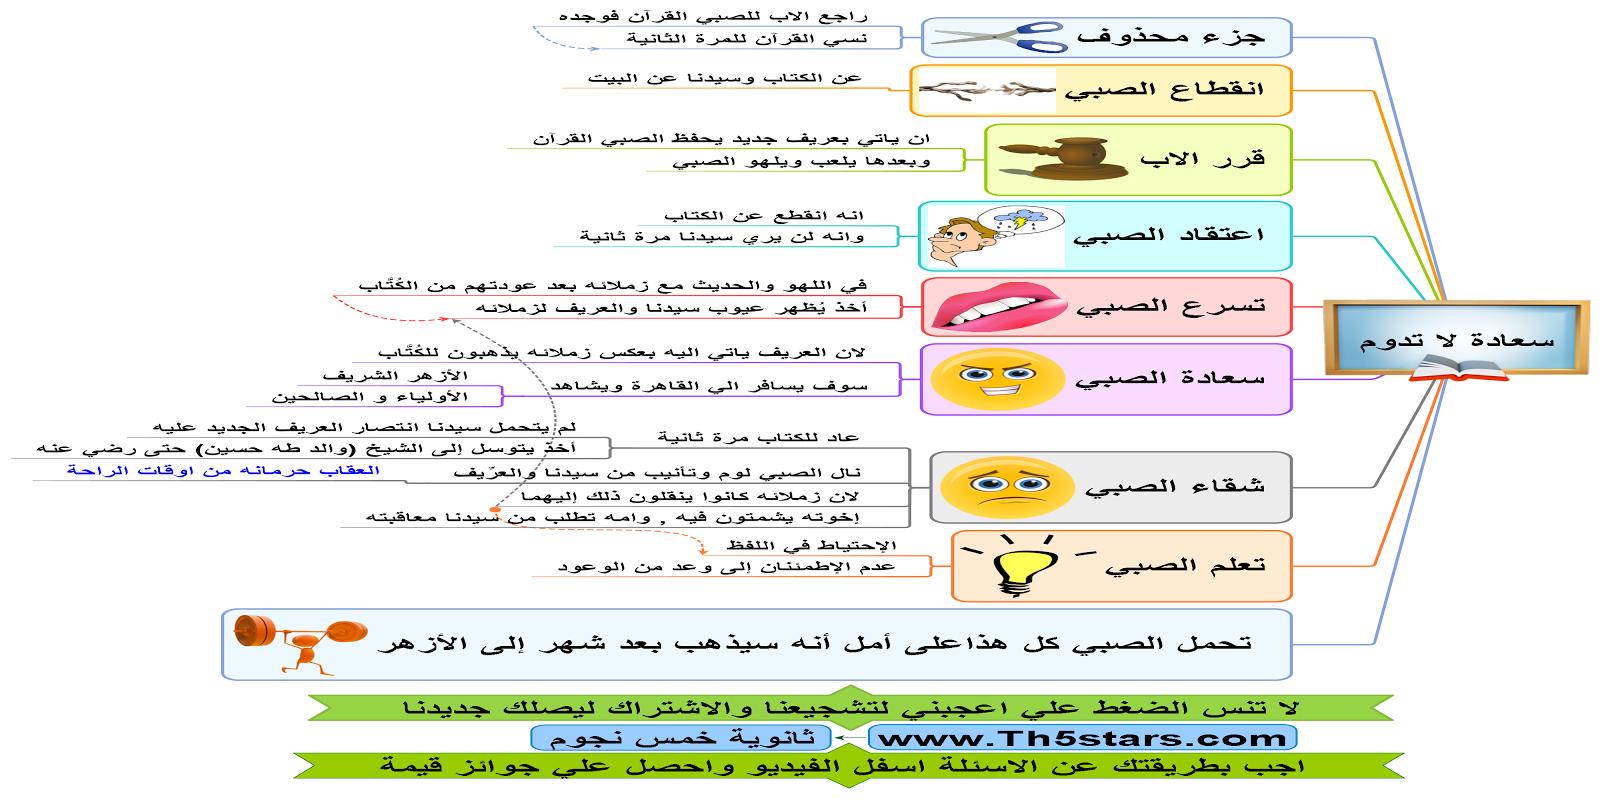 سعادة لا تدوم الفصل السادس من قصة الايام طه حسين اللغة العربية للصف الثالث الثانوي بالخرائط الذهنية